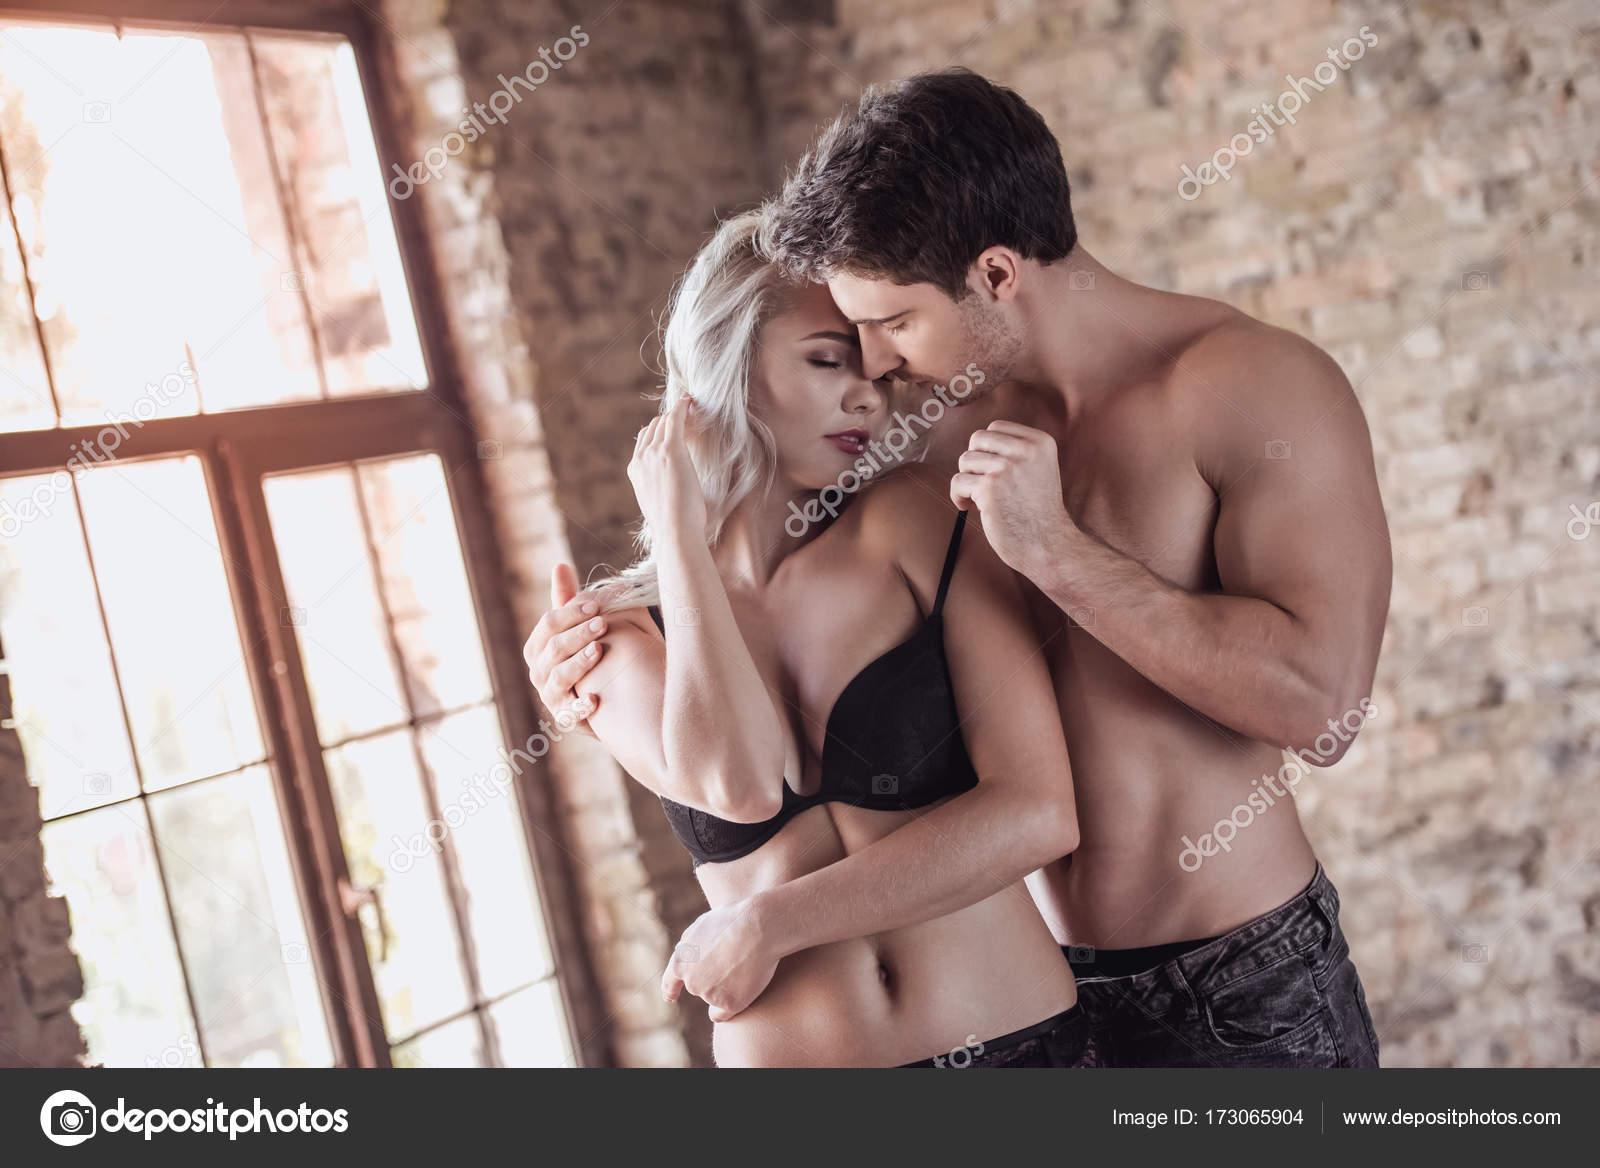 femmes noires ayant des rapports sexuels avec des hommes